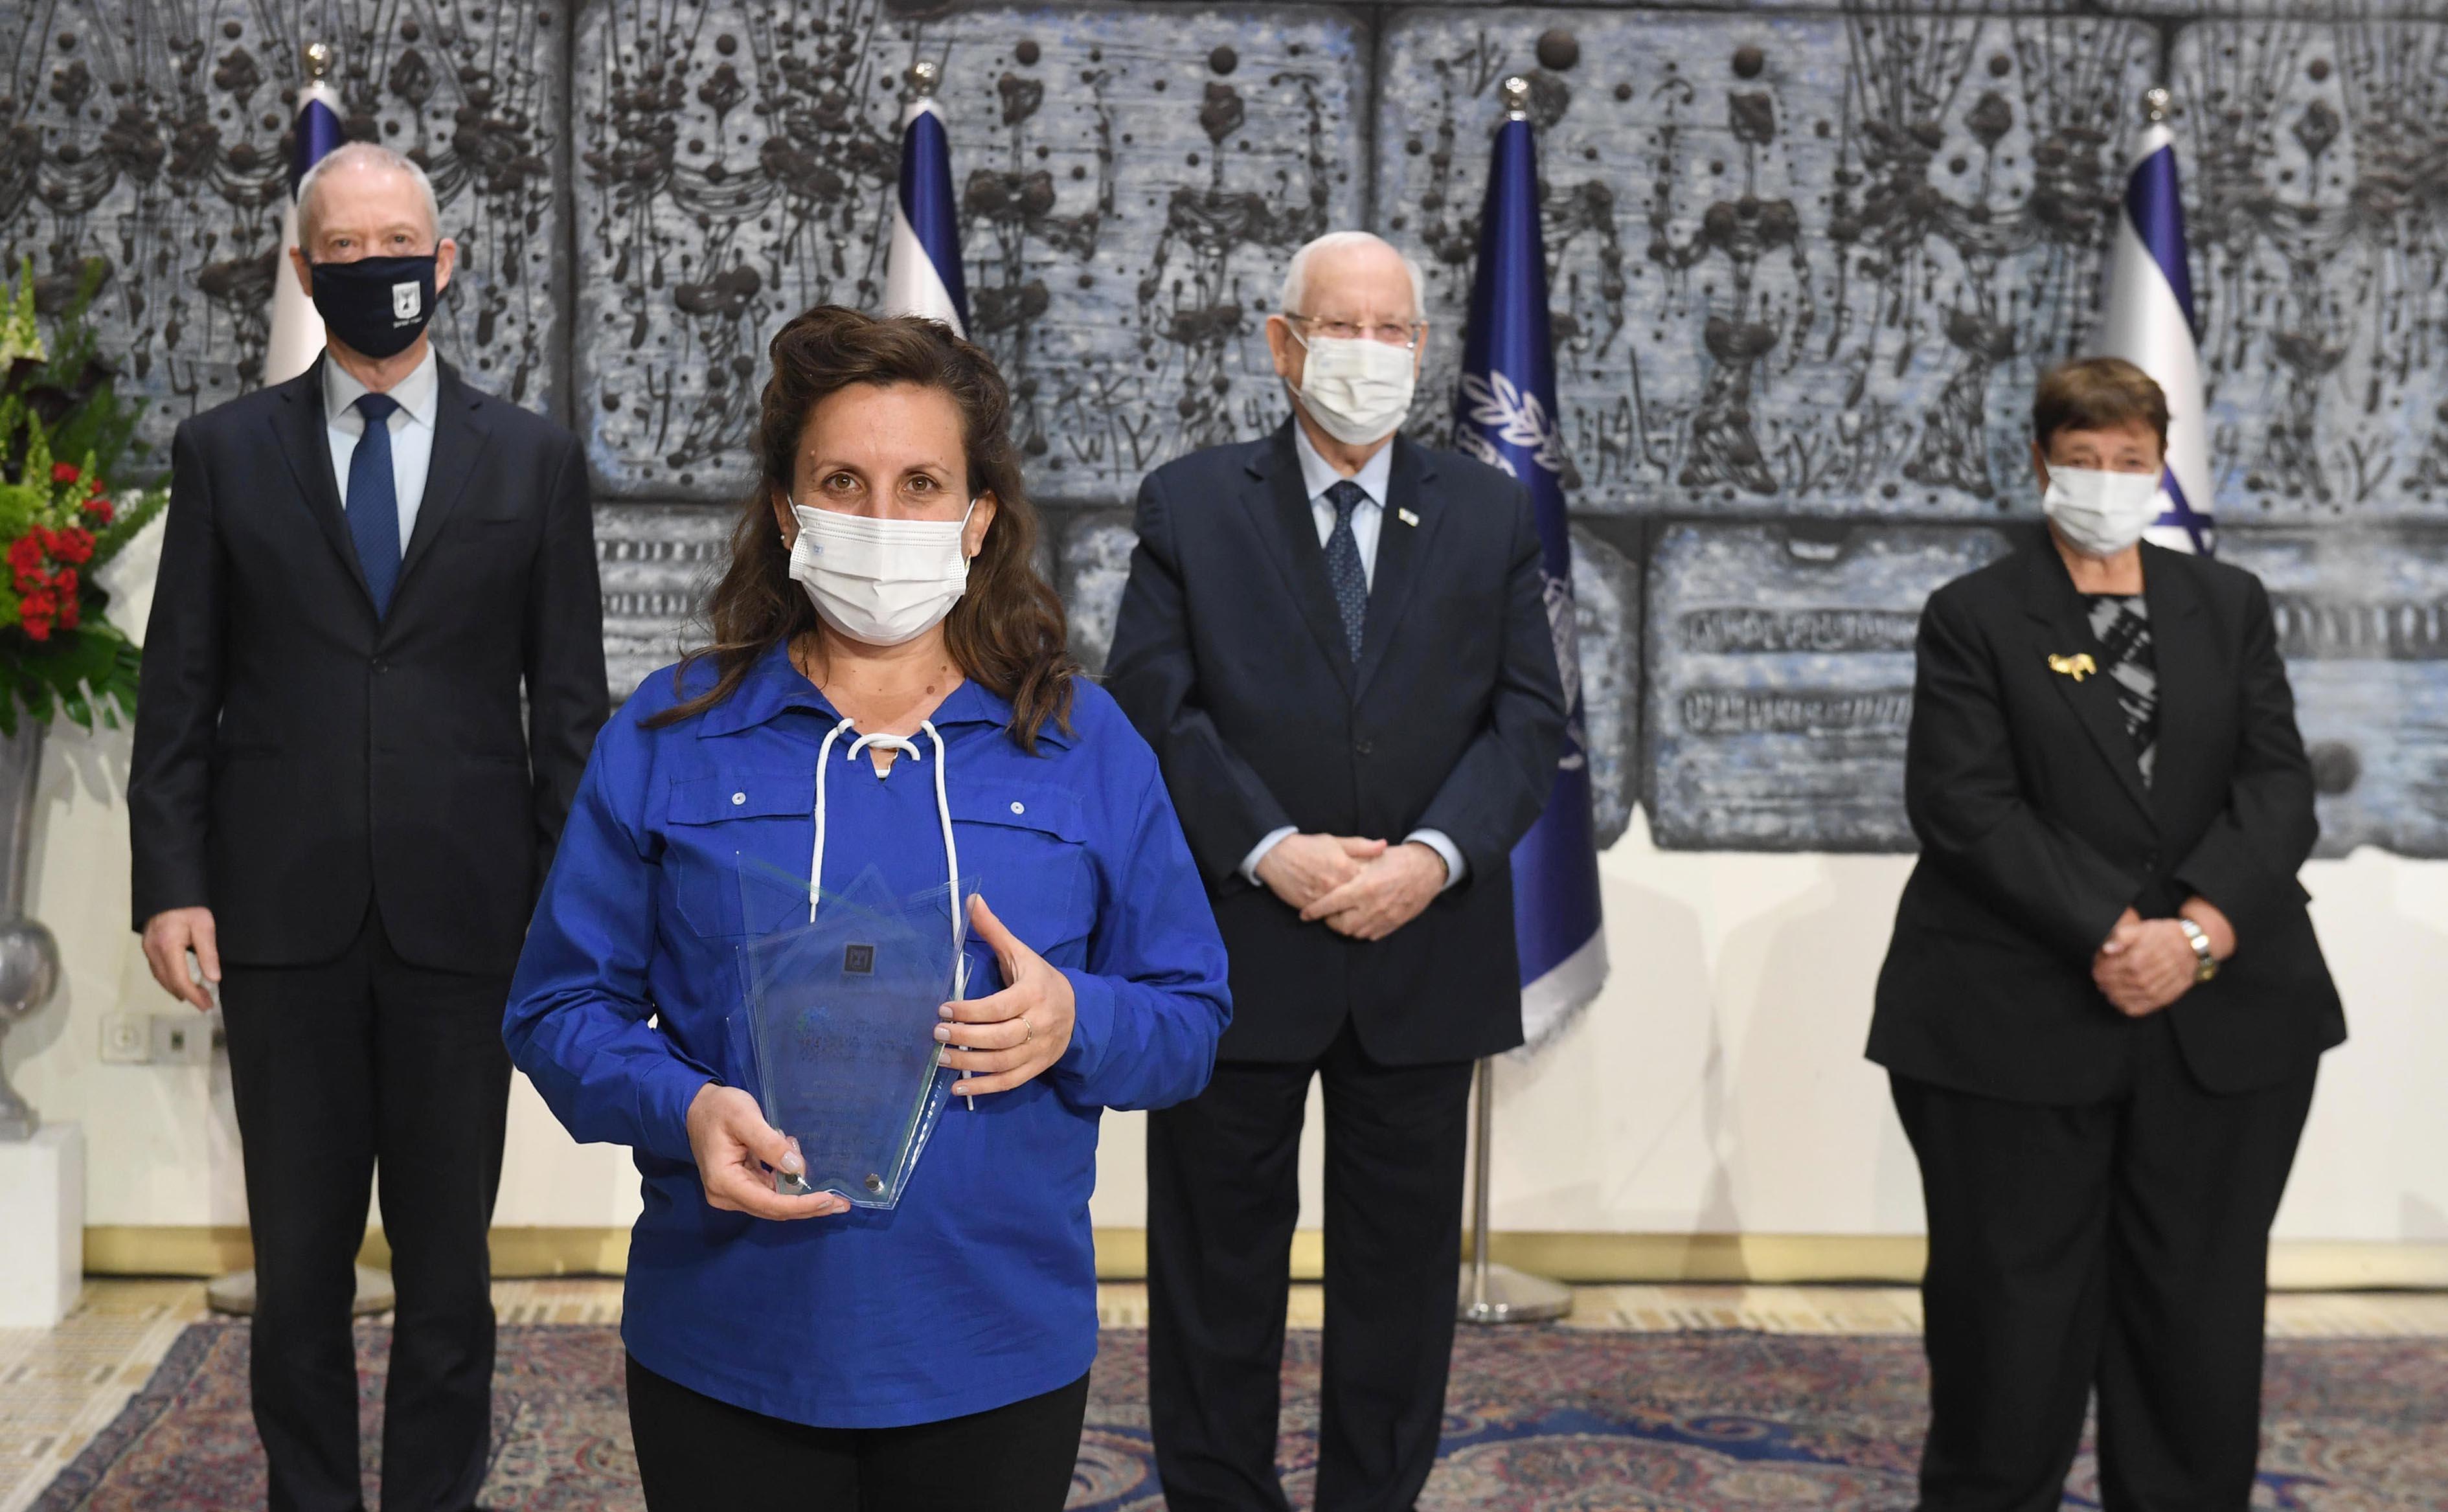 """מזכ""""לית השומר הצעיר, רונית שניר, מקבלת את הפרס בבית הנשיא. צילום: מרק ניימן לע""""מ"""